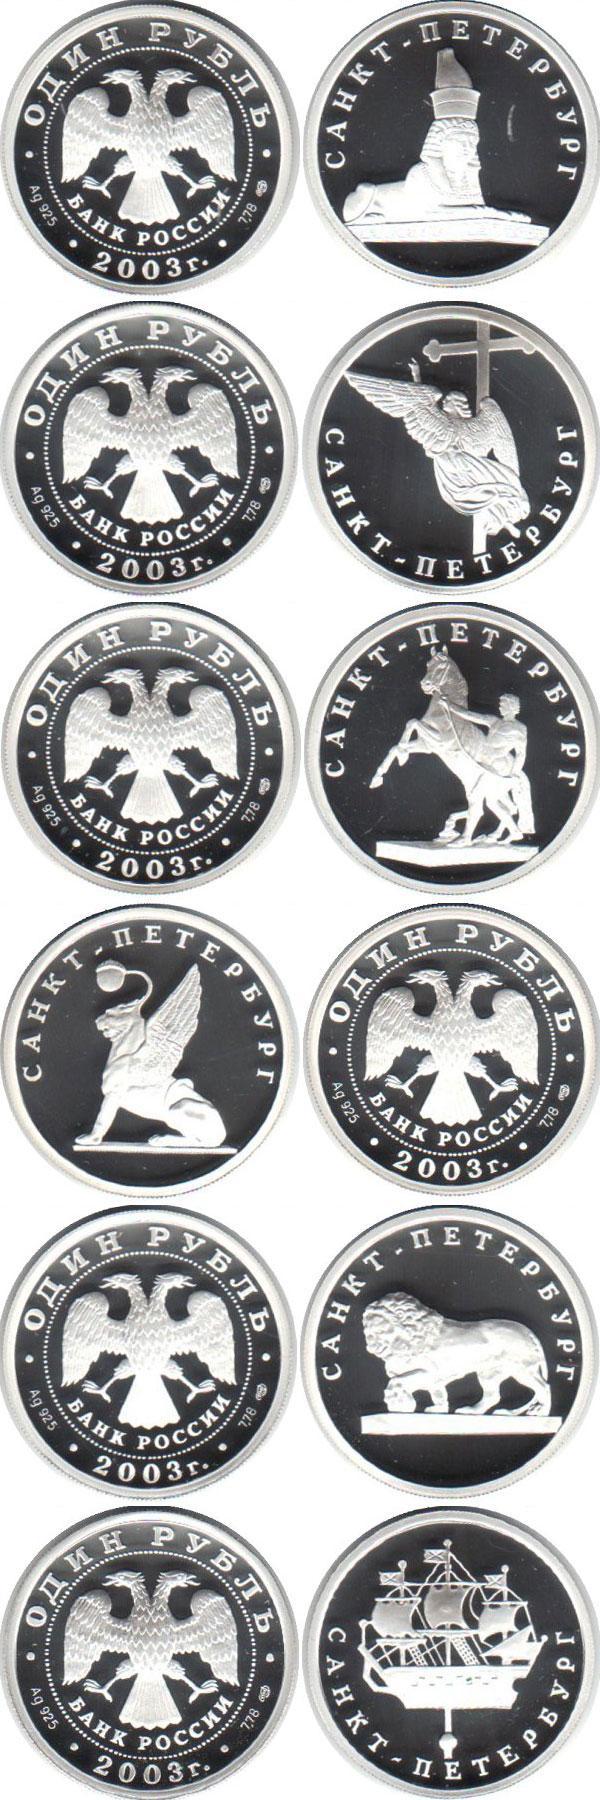 Каталог монет - Россия 300-летие основания Санкт- Петербурга